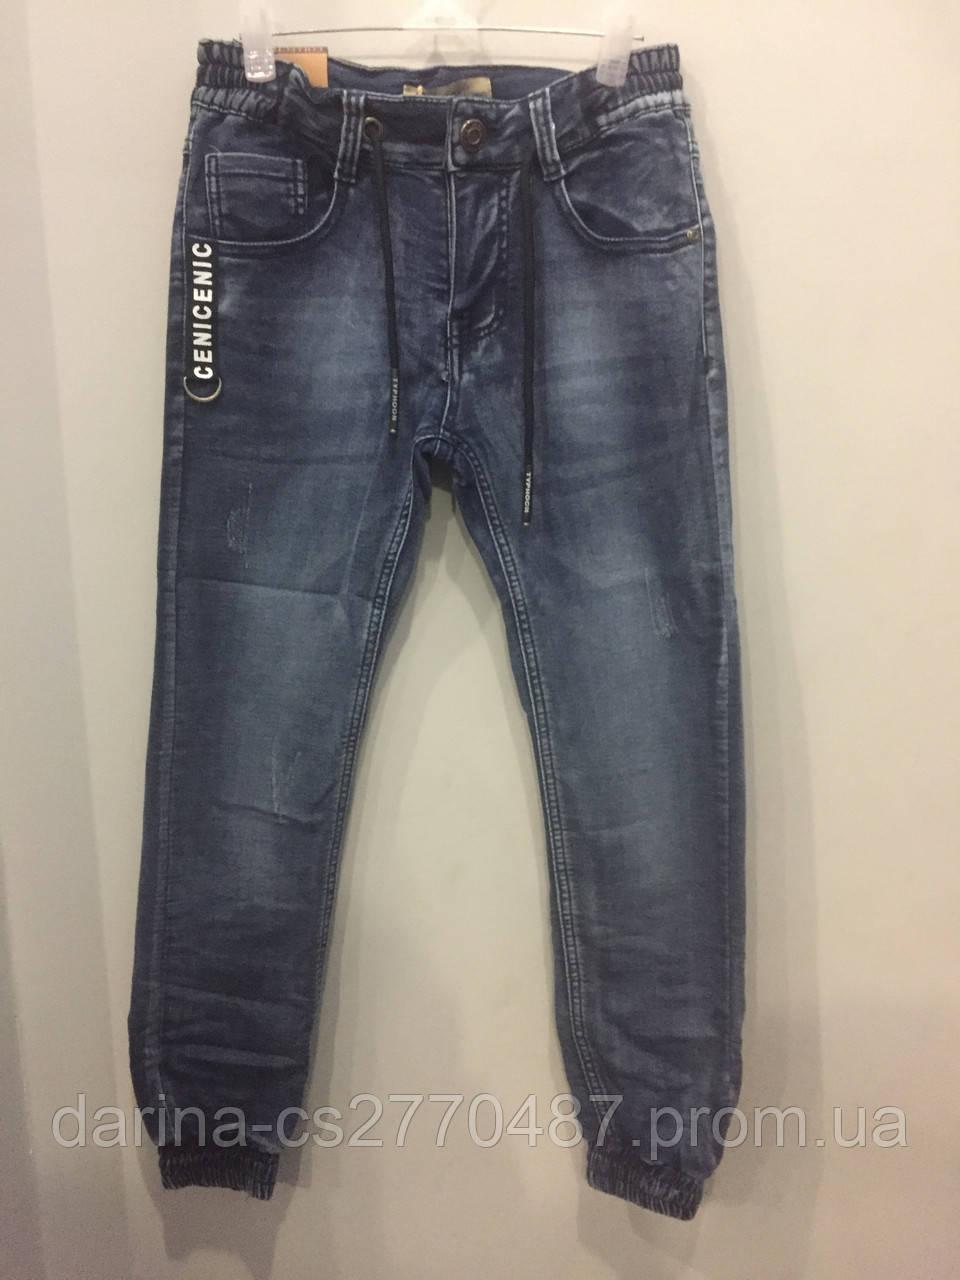 Подростковые джинсовые брюки джоггеры для мальчика 134,146,164 см